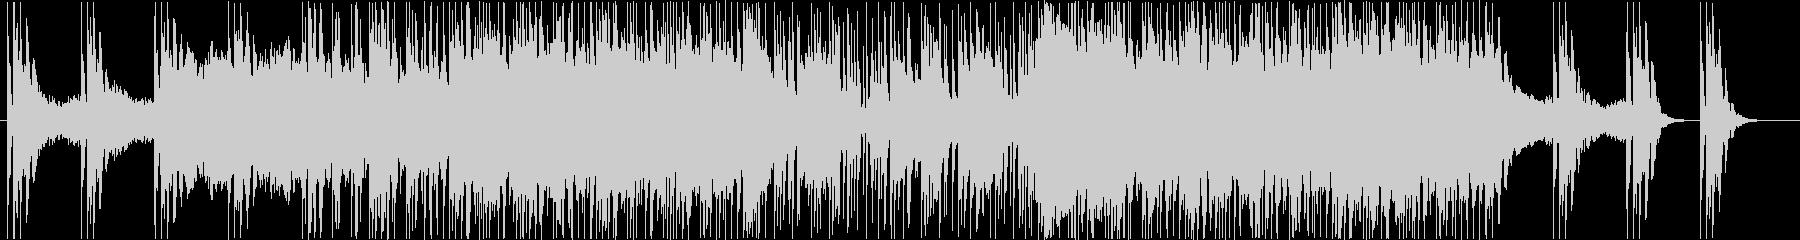 ピアノ+シンセのプログレッシブテクノの未再生の波形